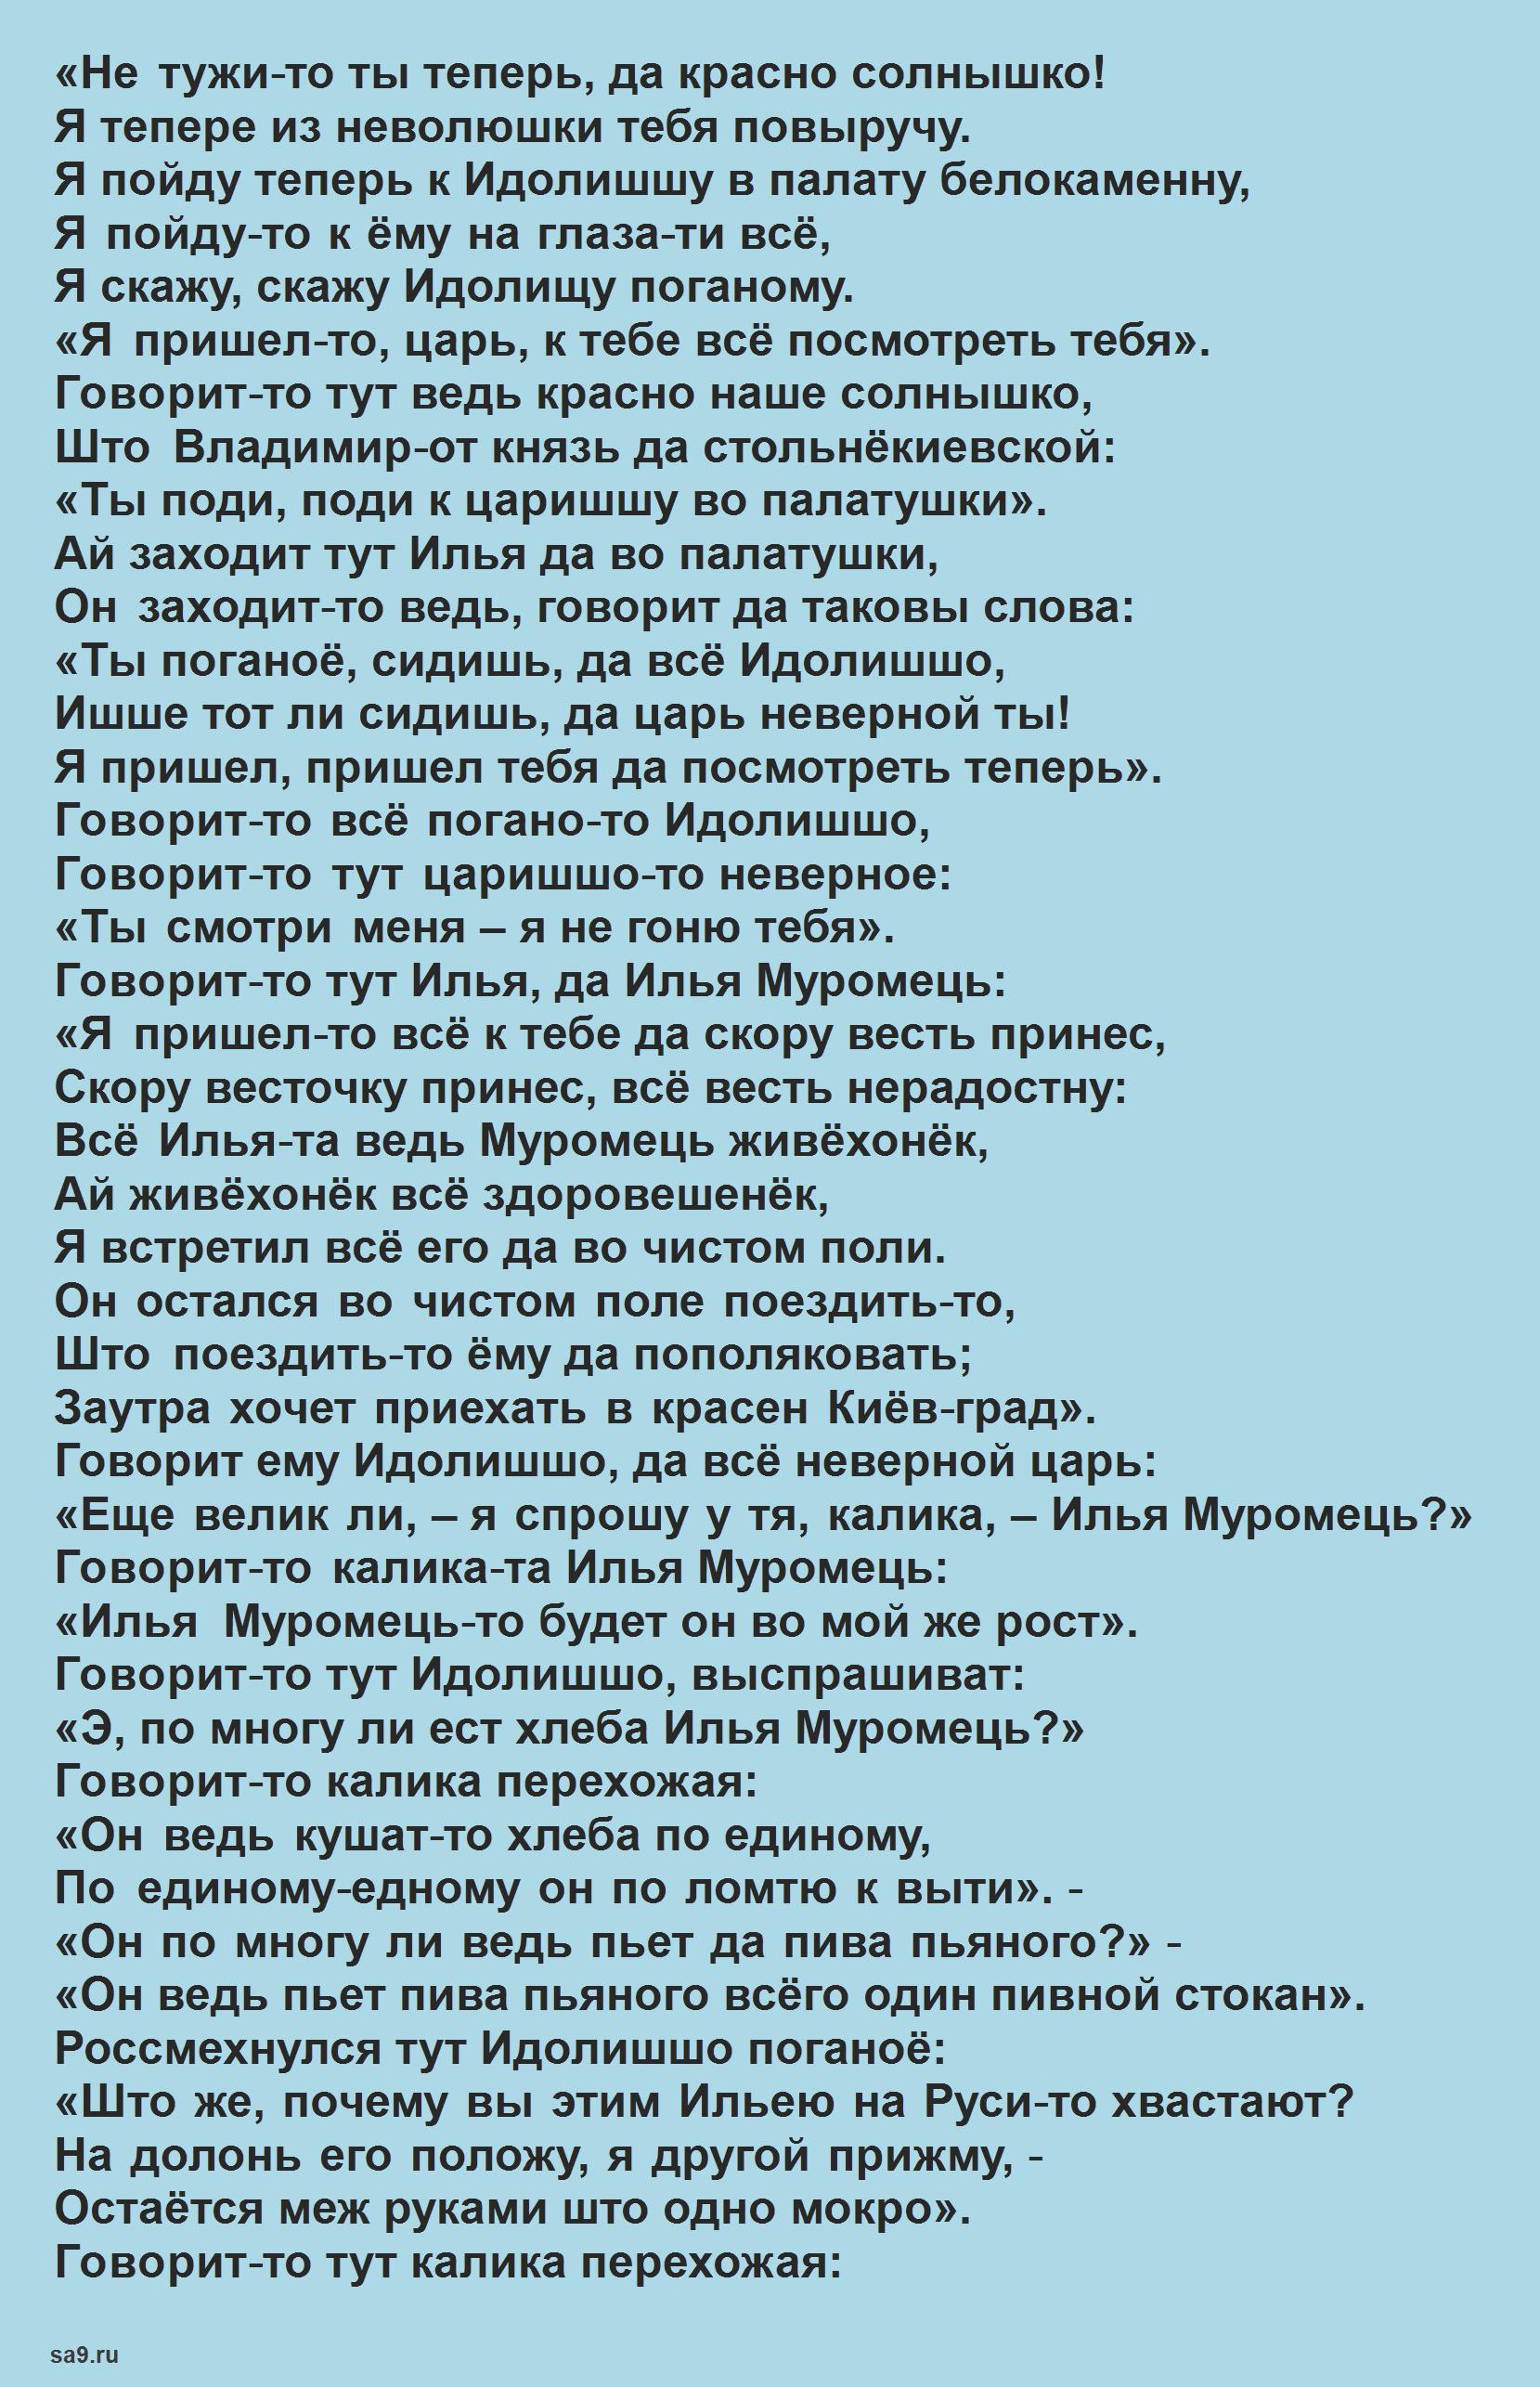 Читать былину - Илья Муромец и Идолище в Киеве